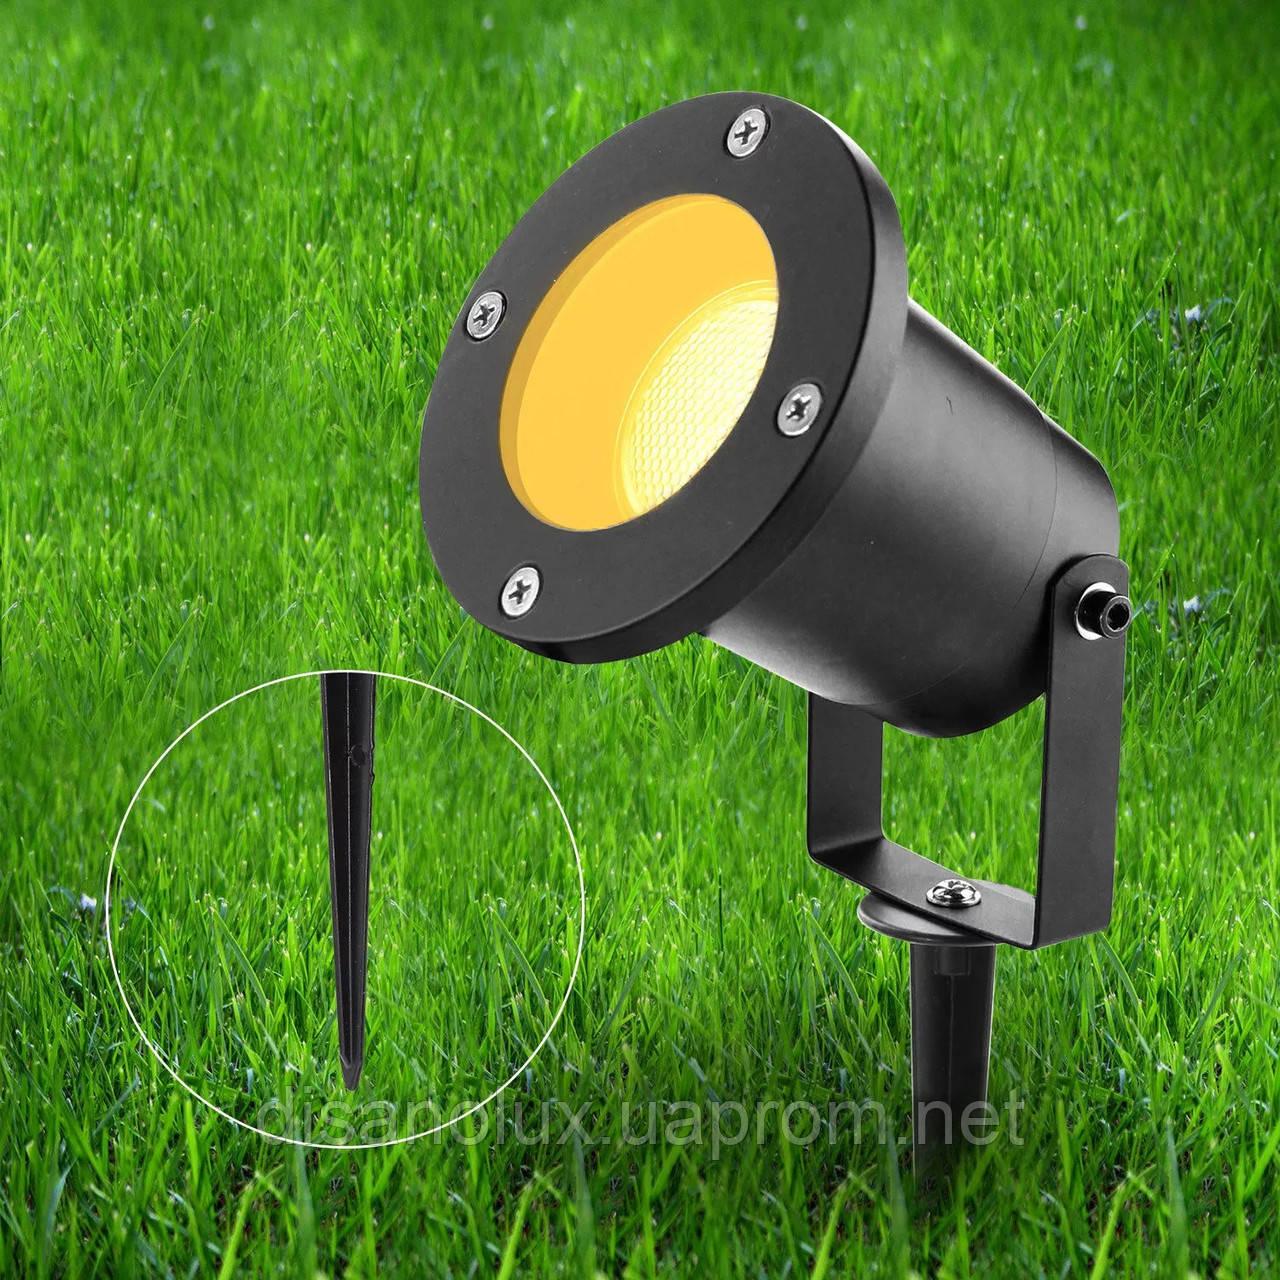 Светильник ландшафтный  HL-DC9805  GU10 230V IP 65